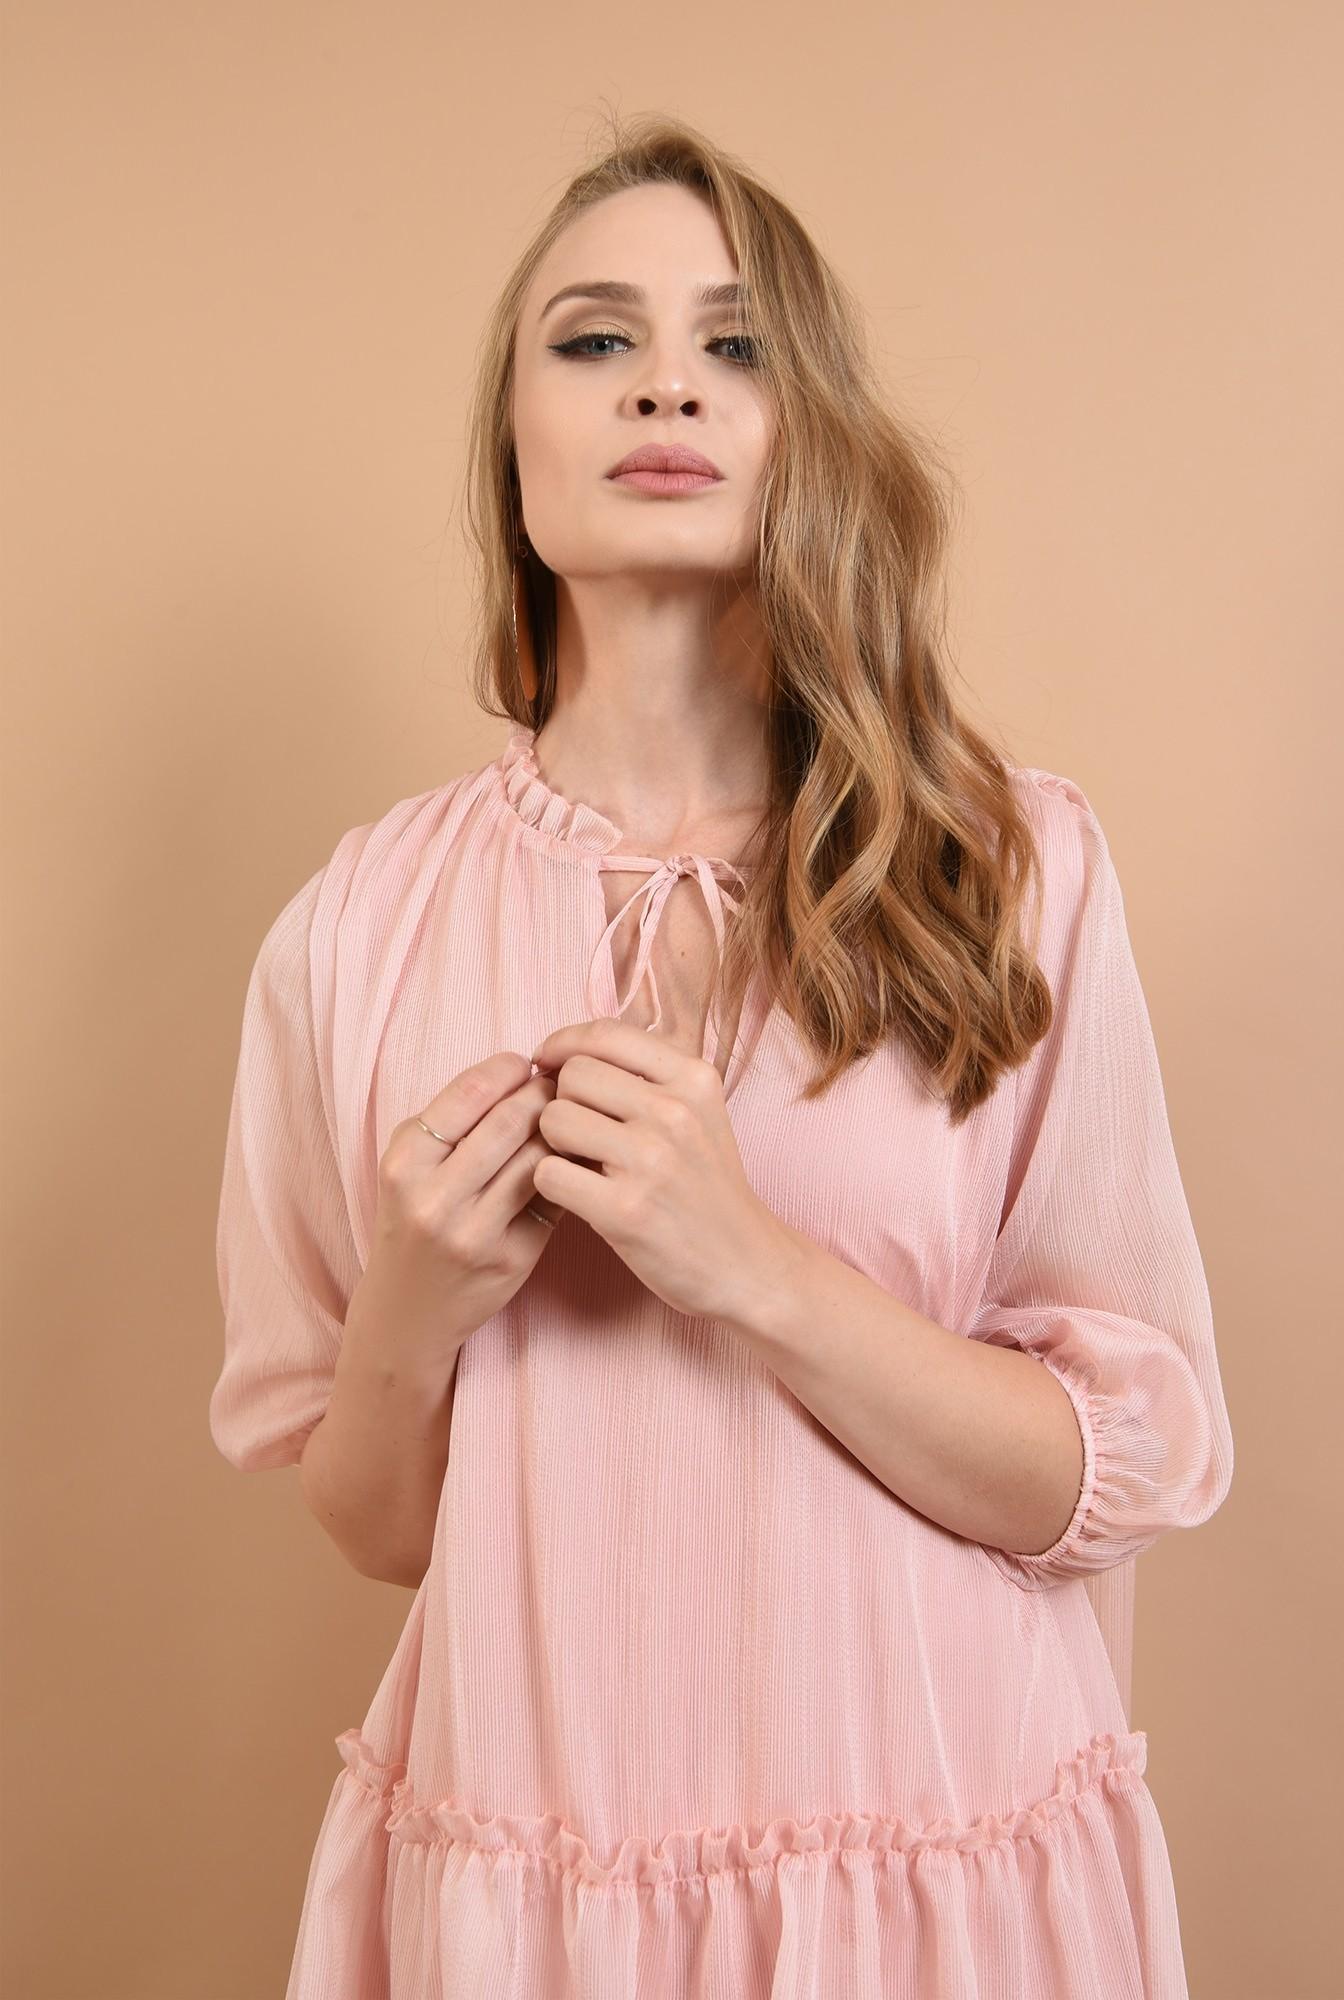 2 - 360 - rochie evazata, cu guler incretit, cu snur, roz, Poema